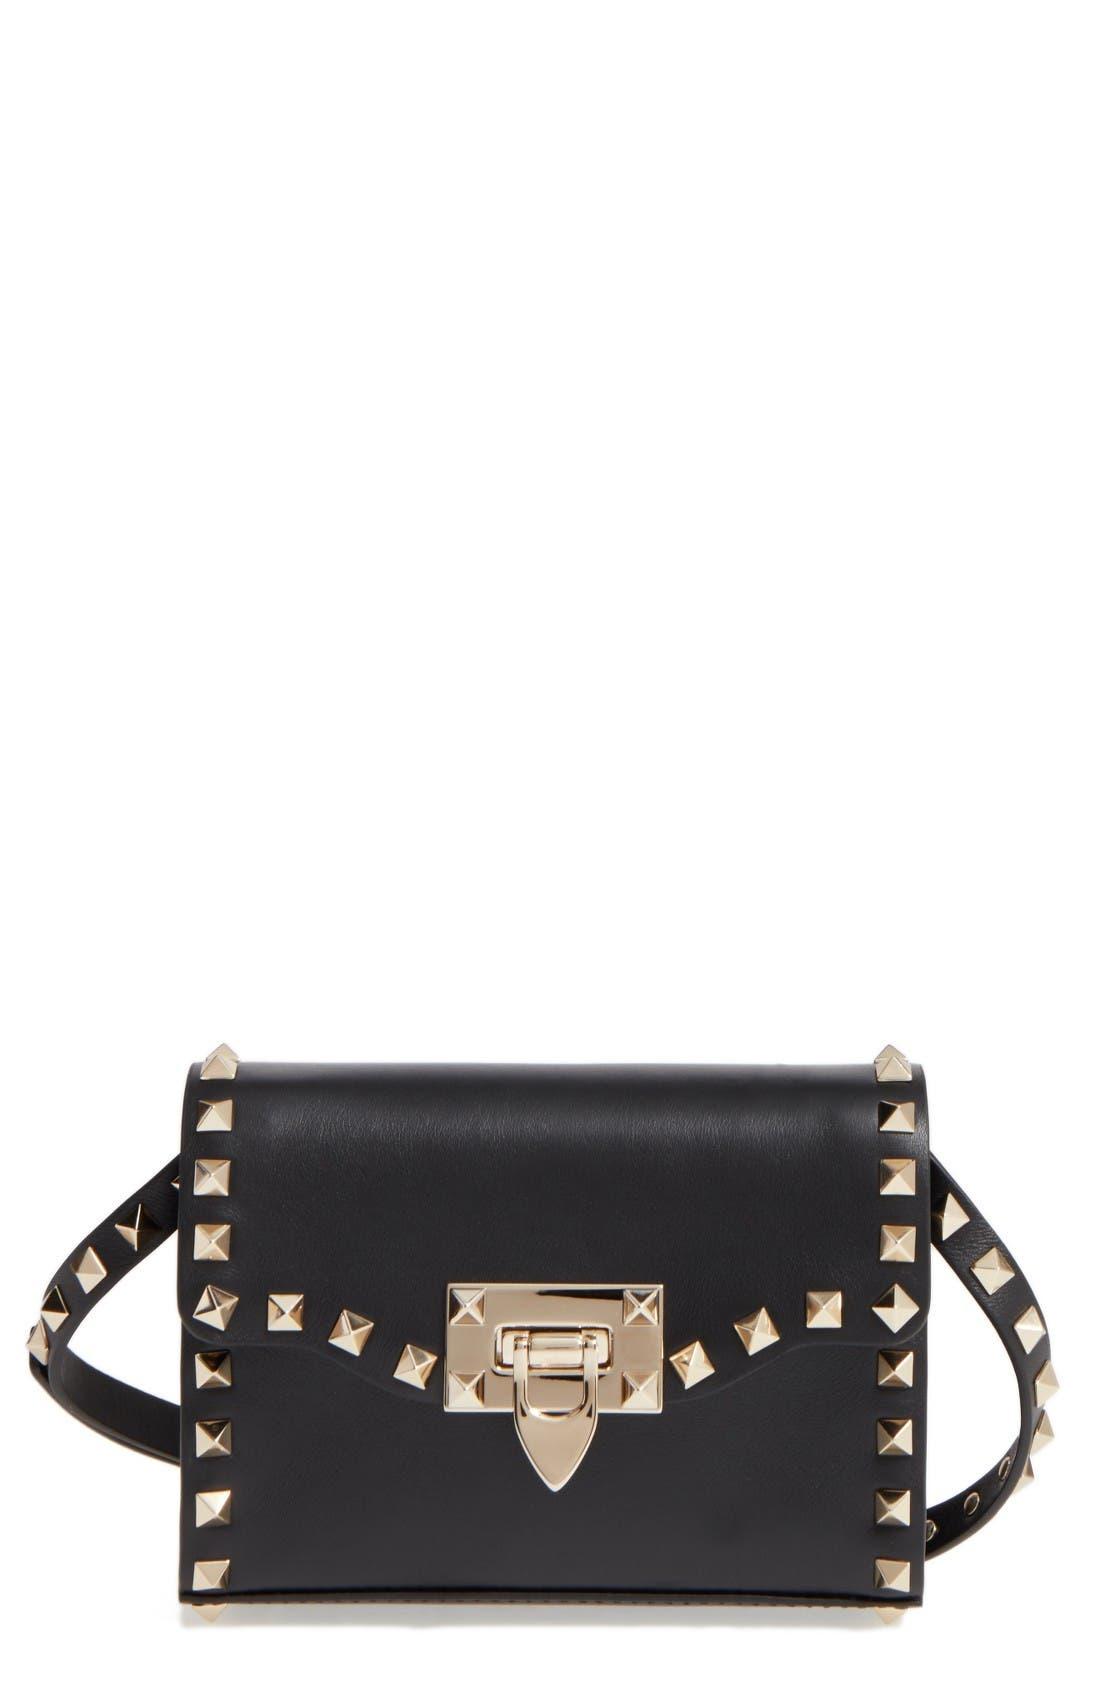 Alternate Image 1 Selected - Valentino Small Rockstud Leather Shoulder Bag